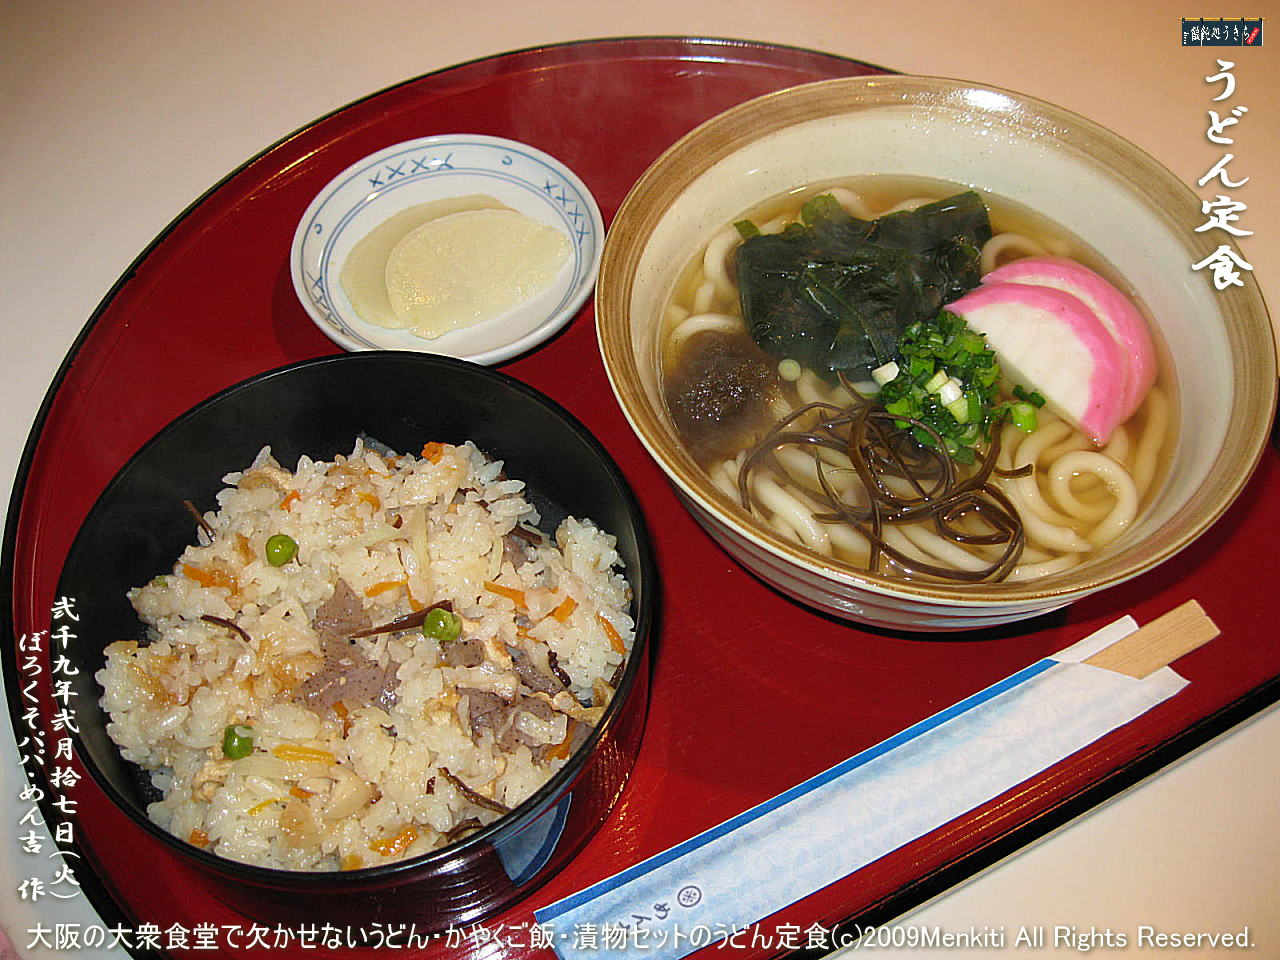 2/17(火)大阪の大衆食堂では欠かせないうどん・かやくご飯・漬物セットのうどん定食 @キャツピ&めん吉の【ぼろくそパパの独り言】     ▼クリックで1280x960pxlsに拡大します。